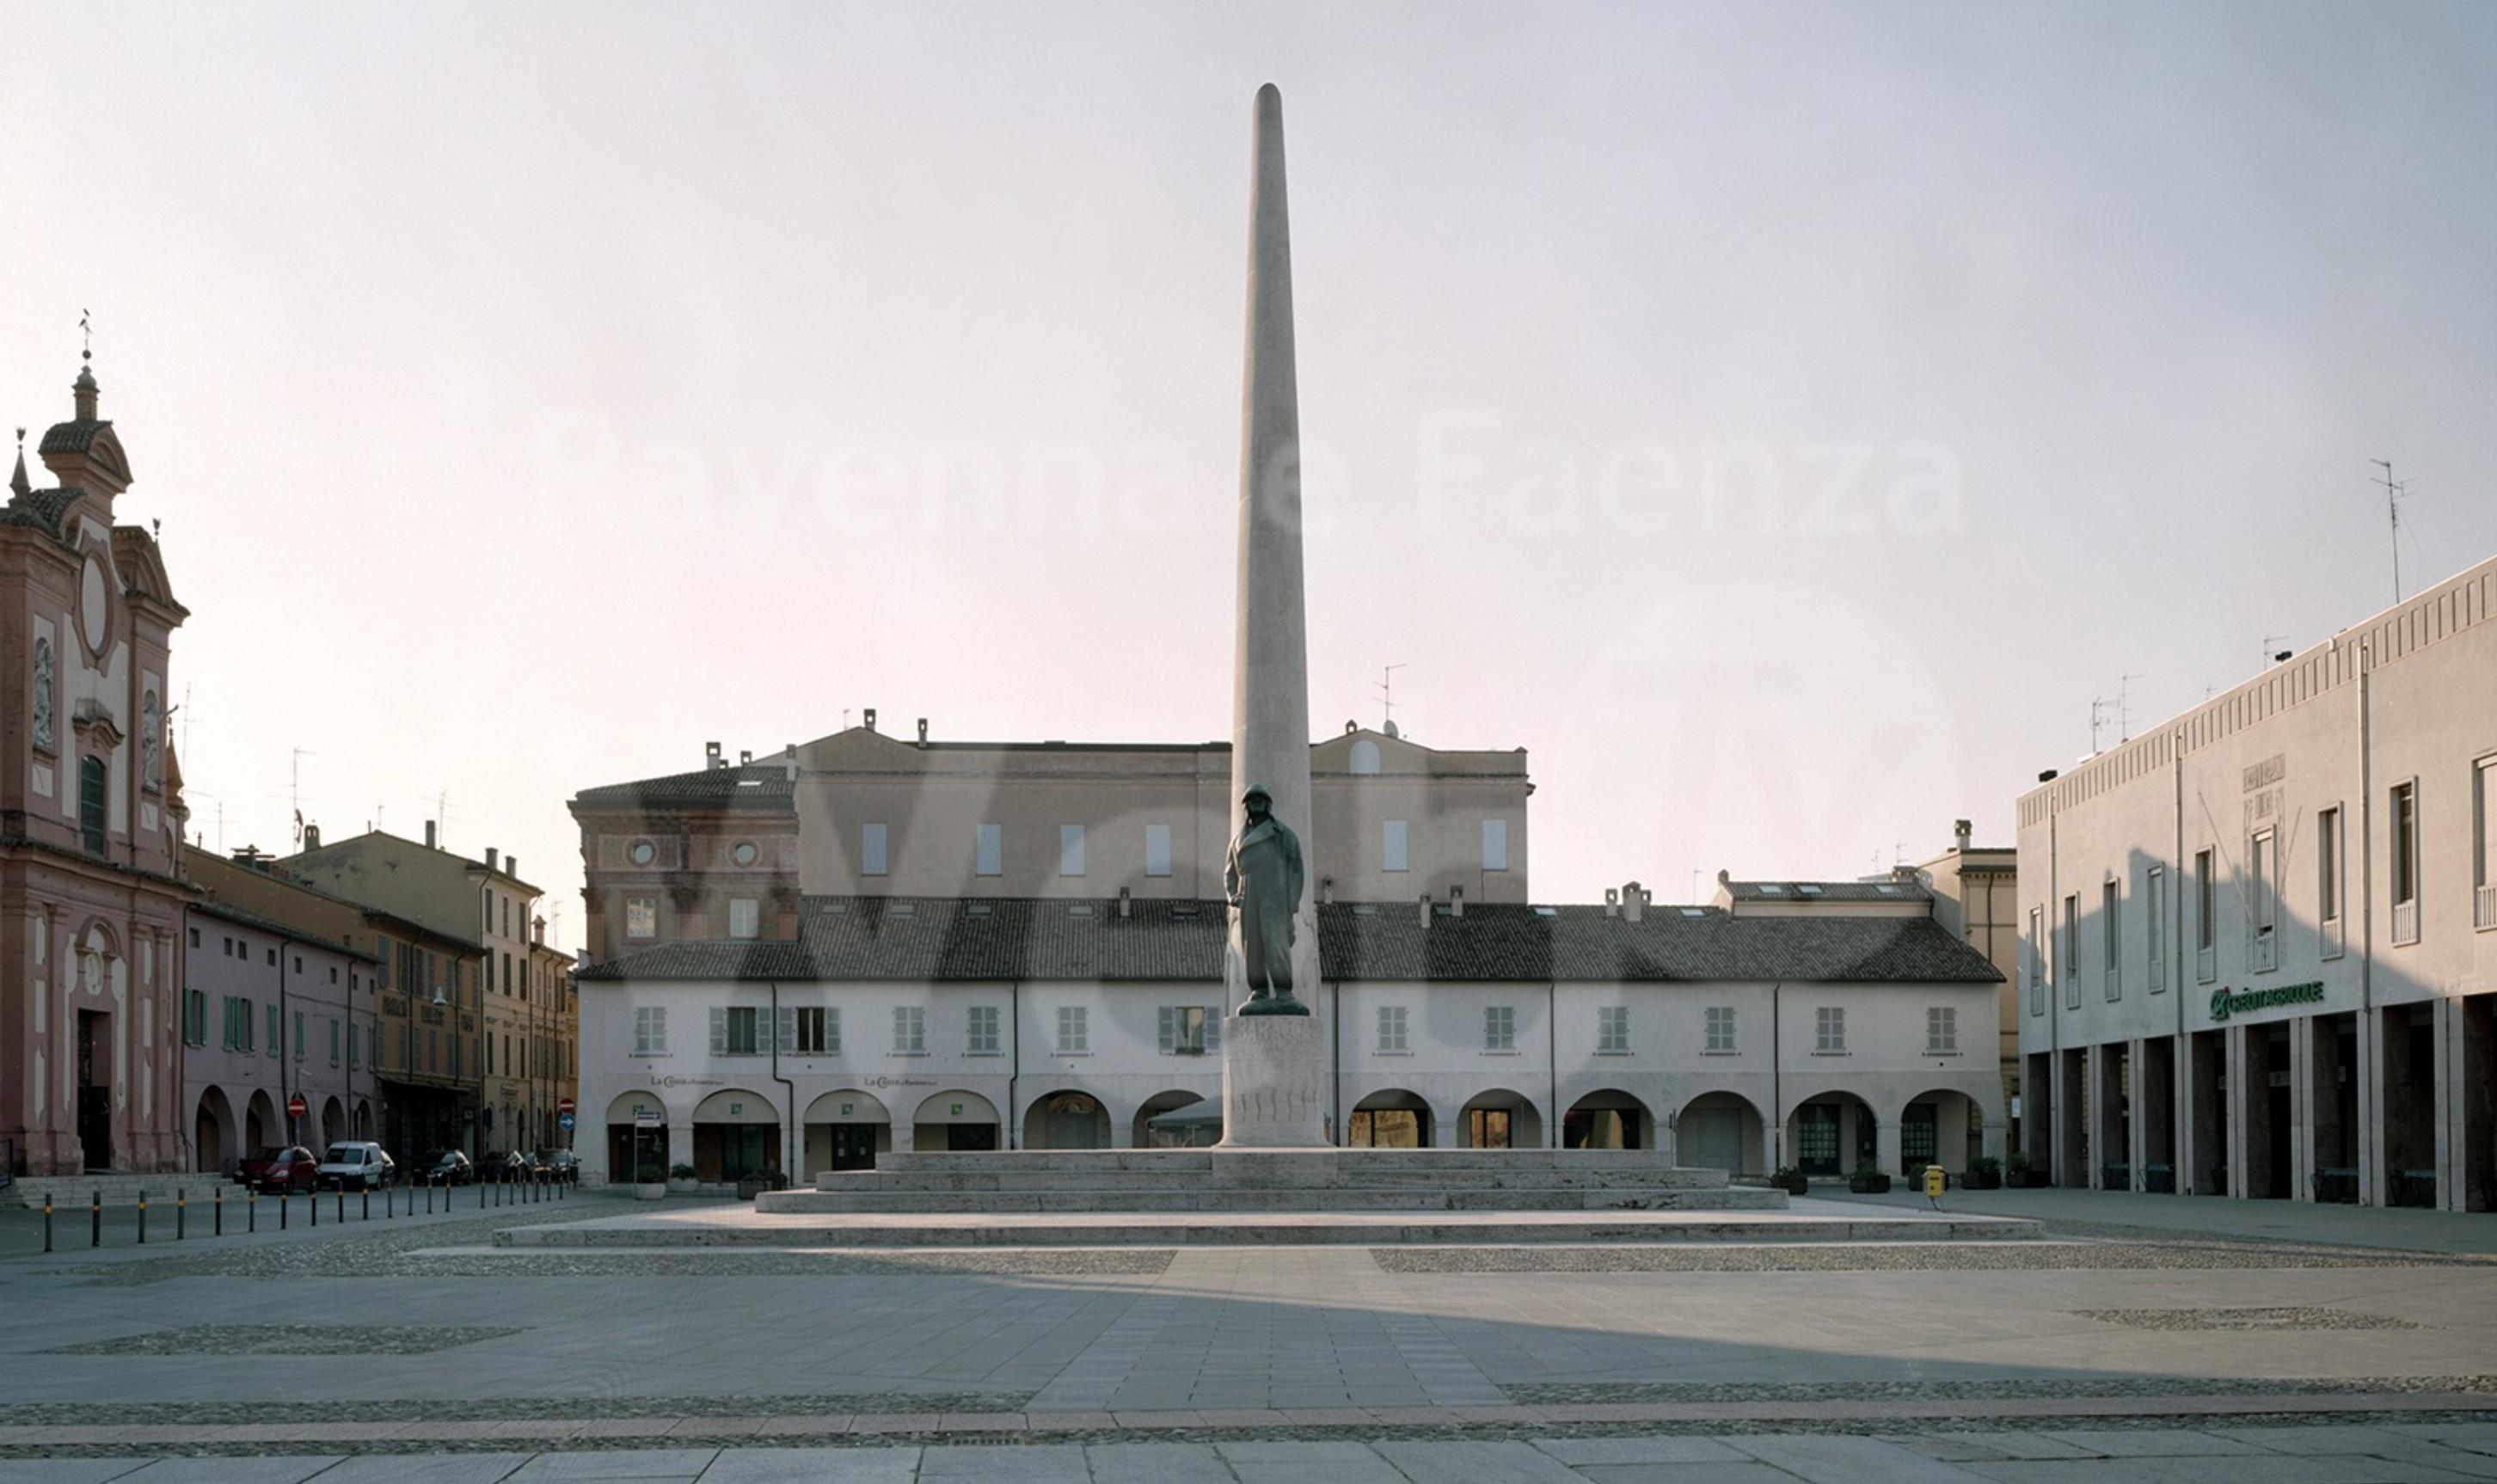 Venti Piazze D Italia Ritratte Durante Il Lockdown Coinvolta Anche Quella Di Lugo Ravenna Web Tv